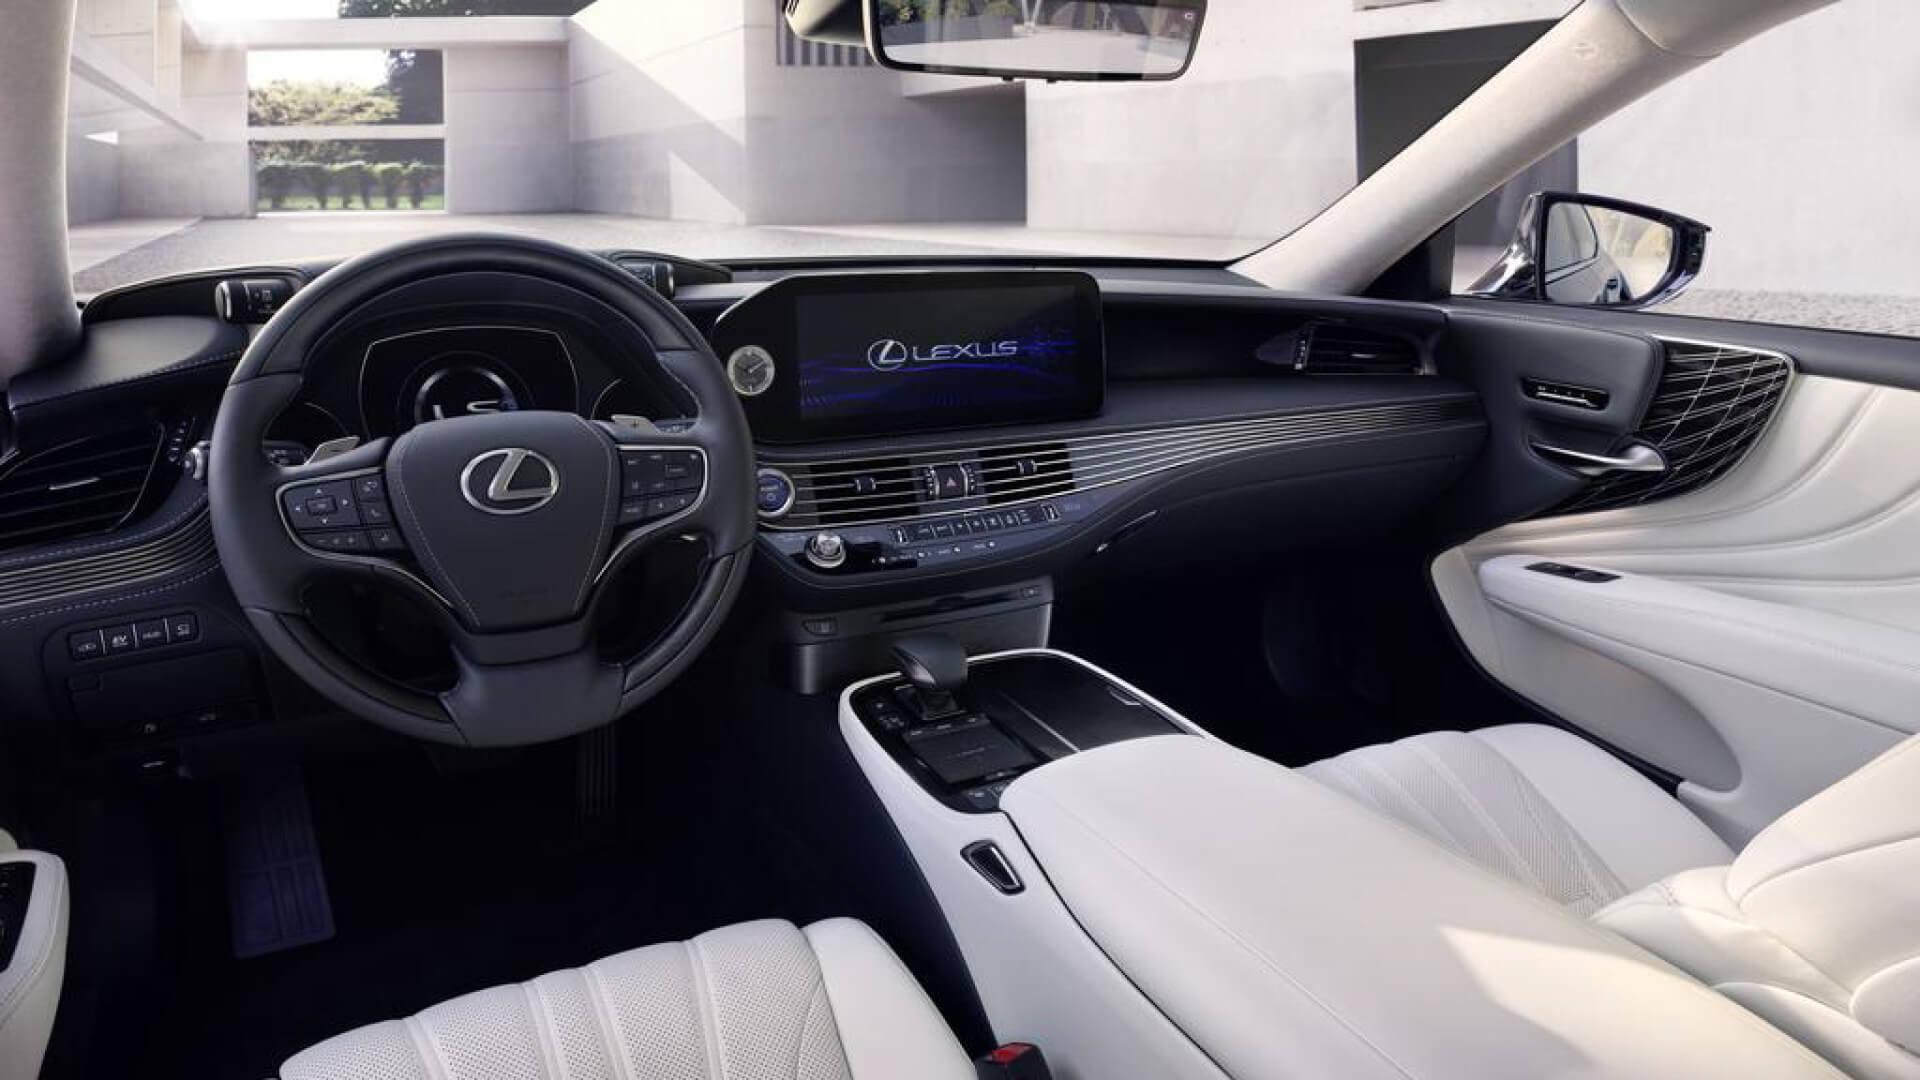 Lexus Otomobillerinin Eşsiz Hikayesi gallery05